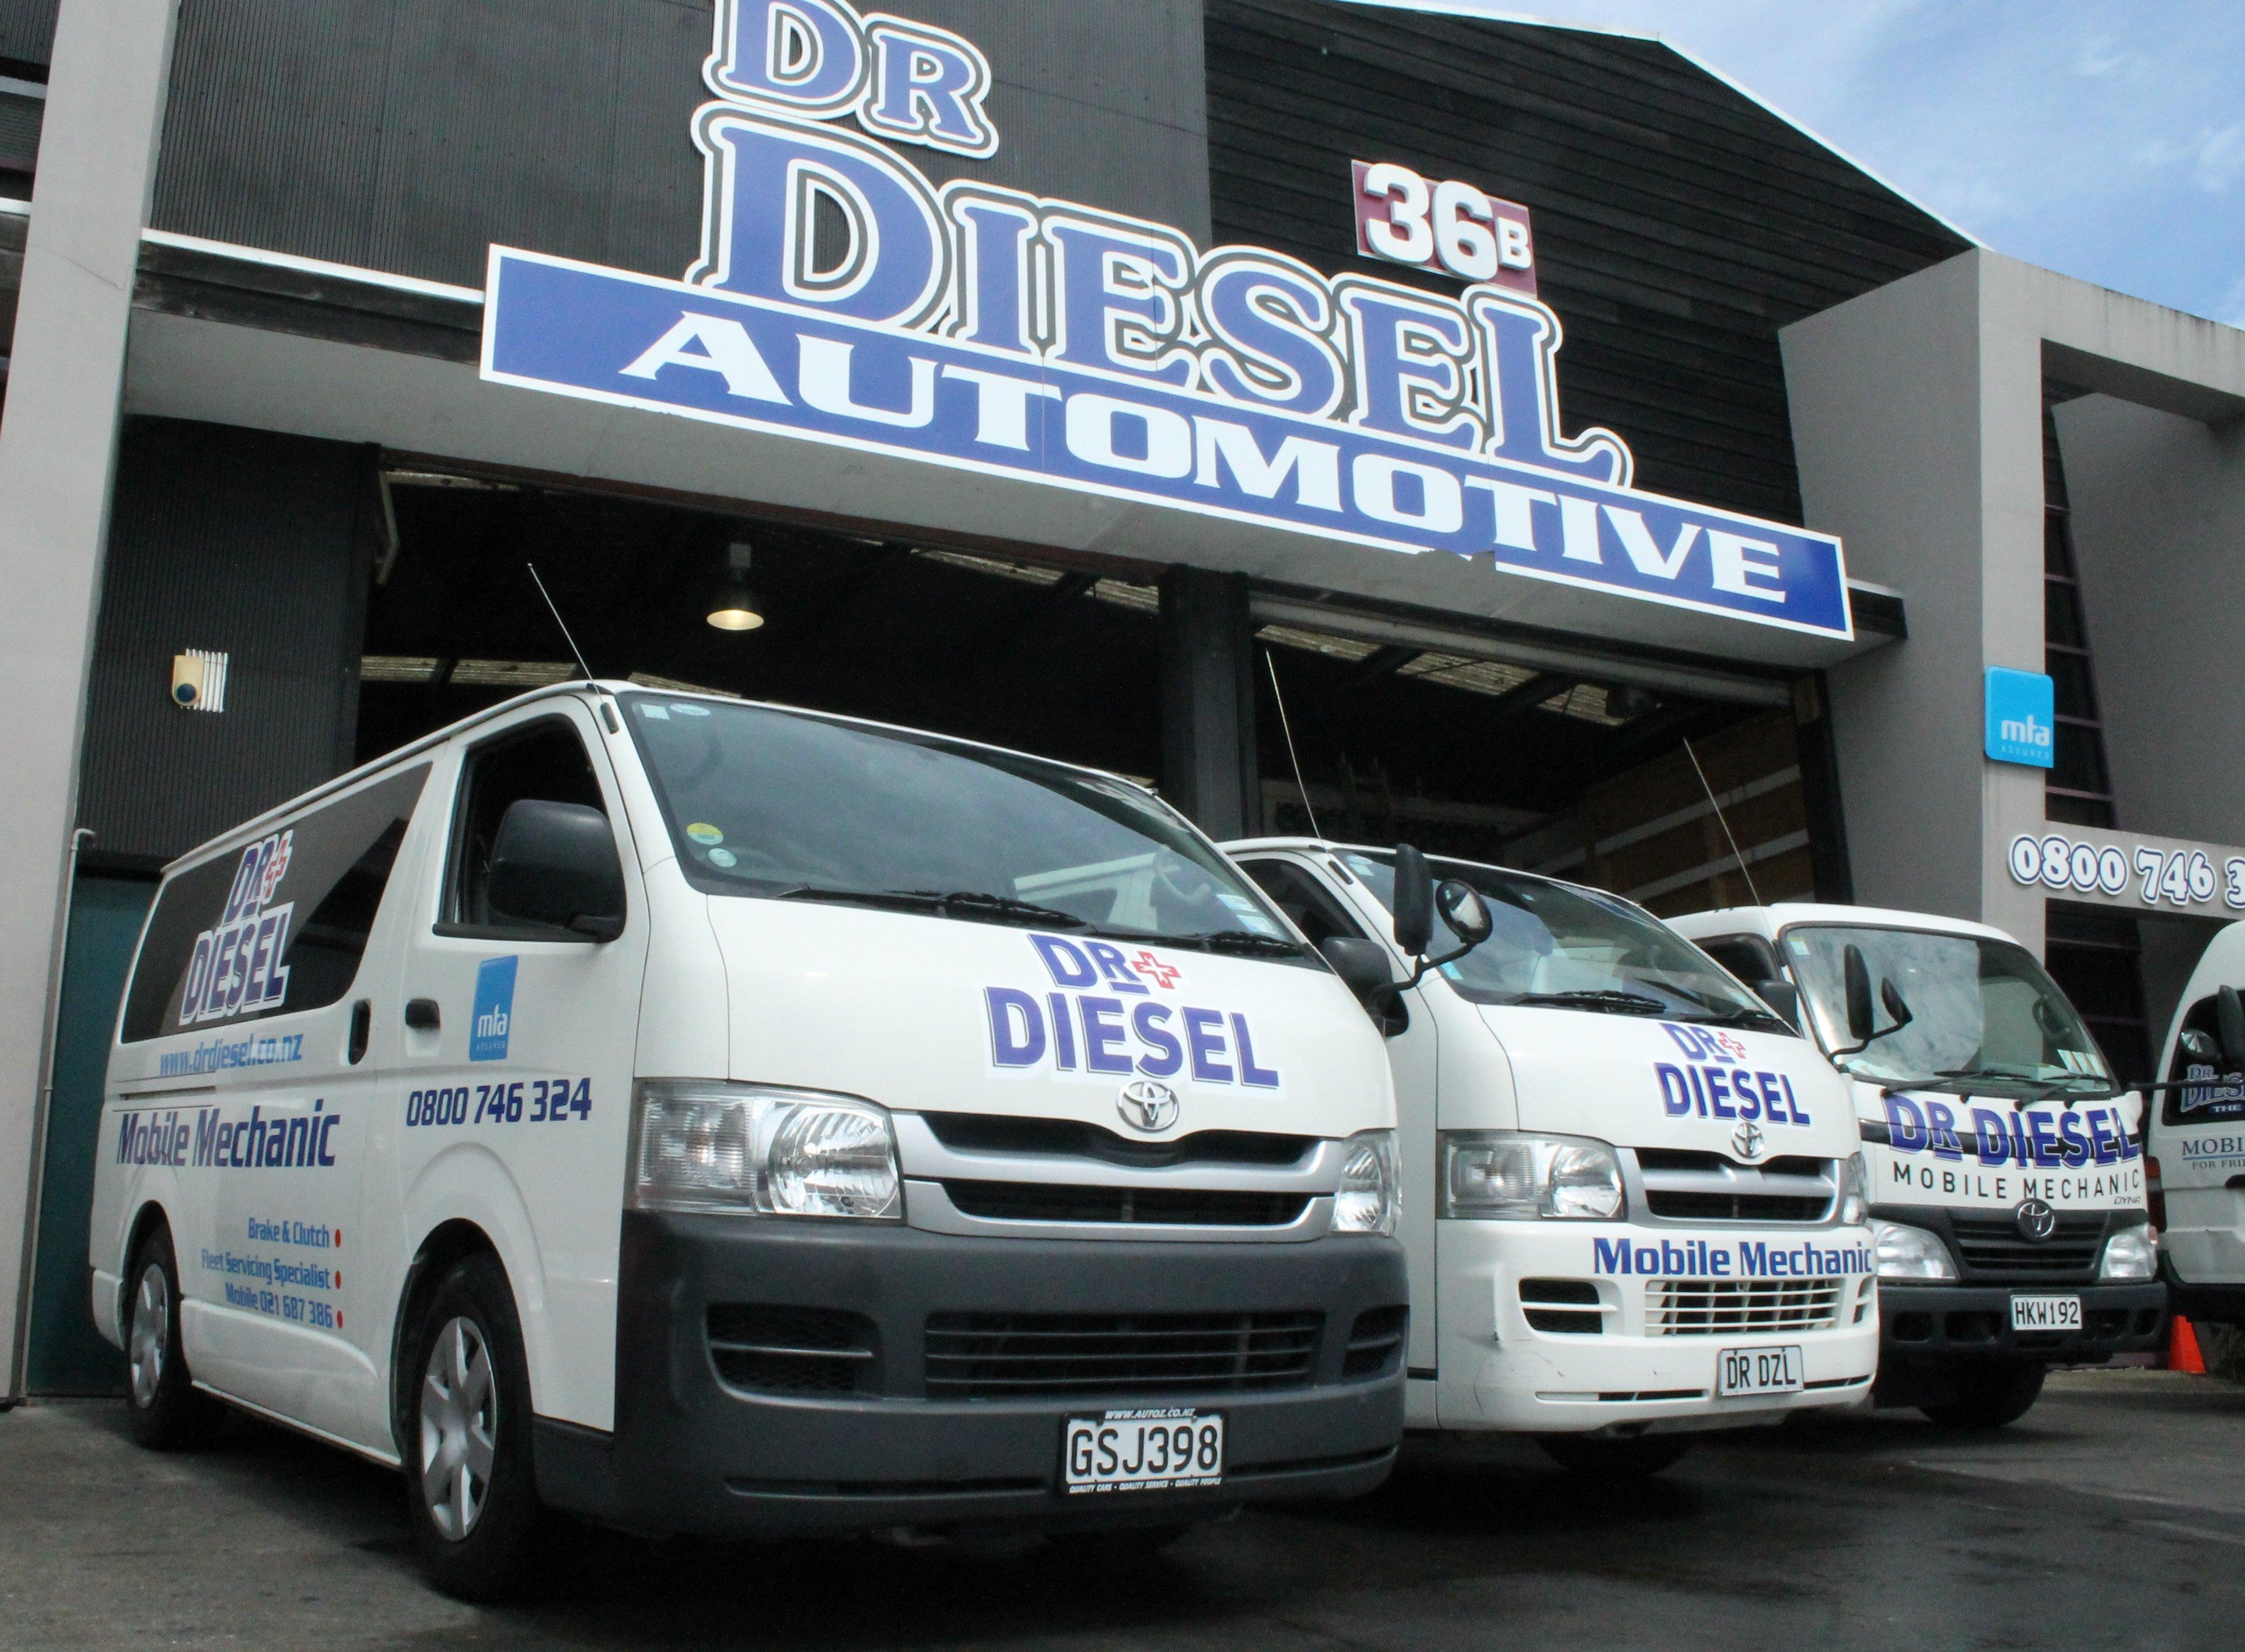 Fleet Servicing Dr Diesel